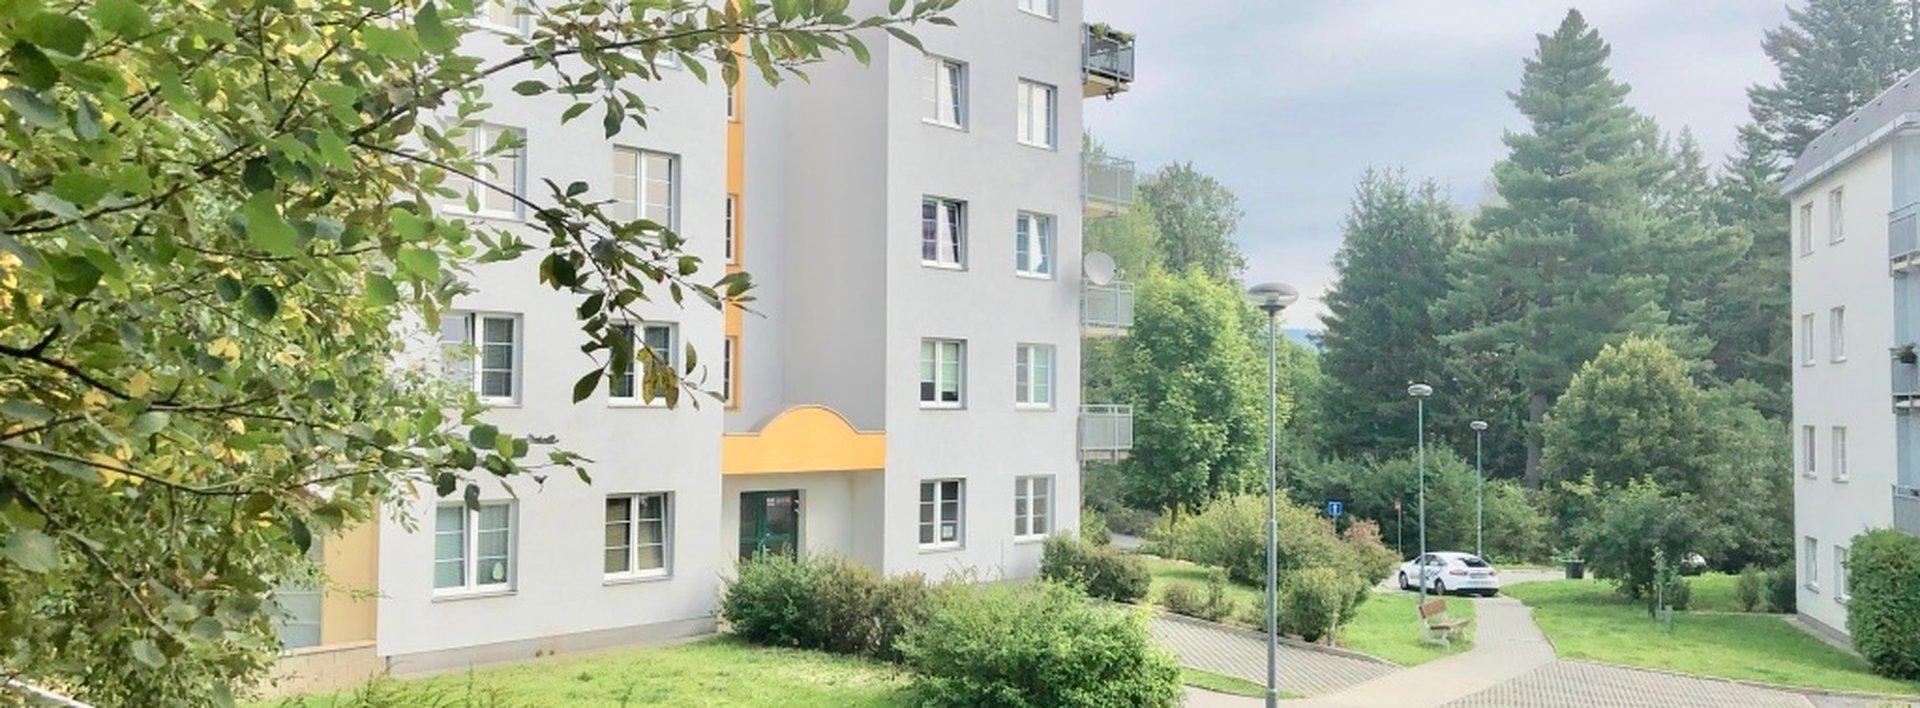 Pronájem bytu 3+1, 65 m² - Jablonec nad Nisou - Proseč nad Nisou, Ev.č.: N49184